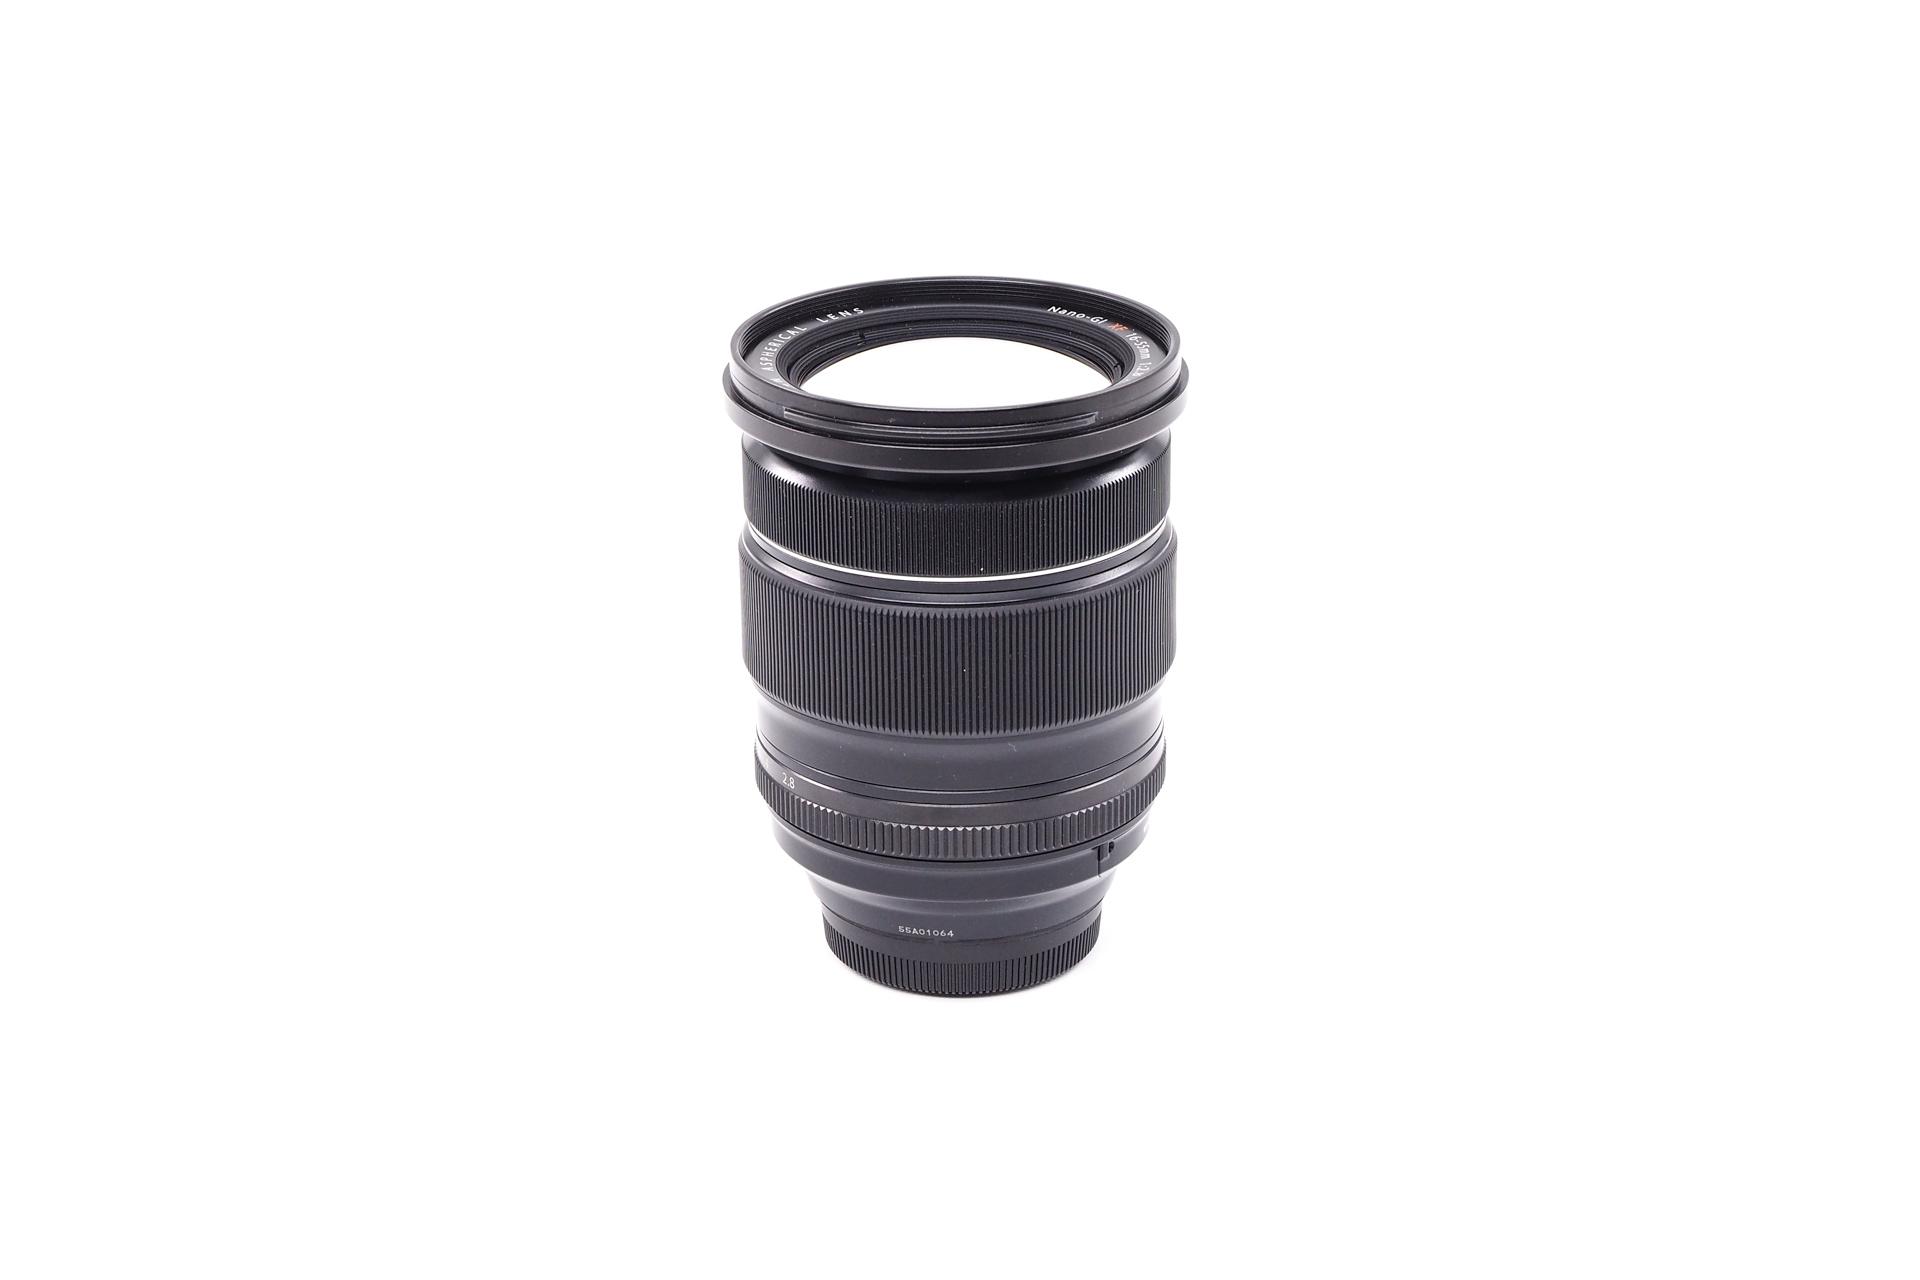 Fujifilm XF 16-55mm F/2.8